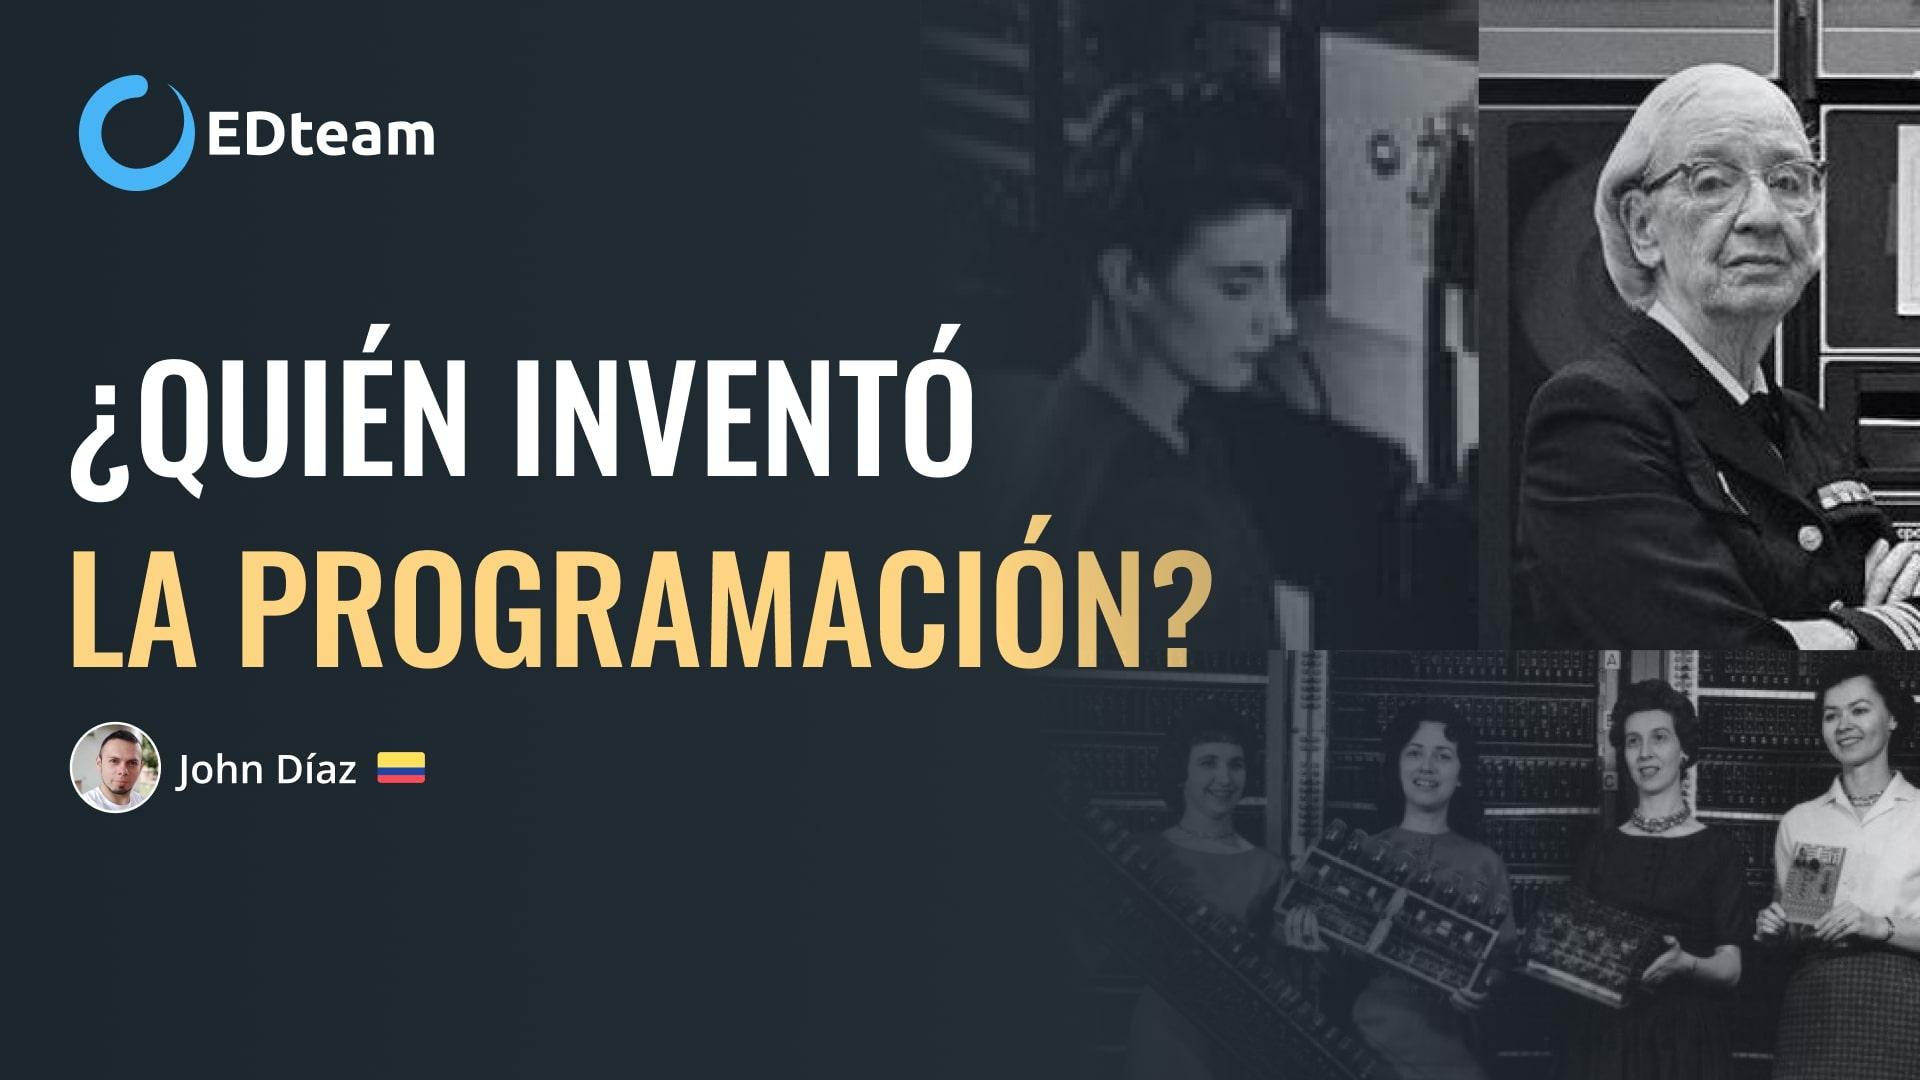 ¿Quién inventó la programación?